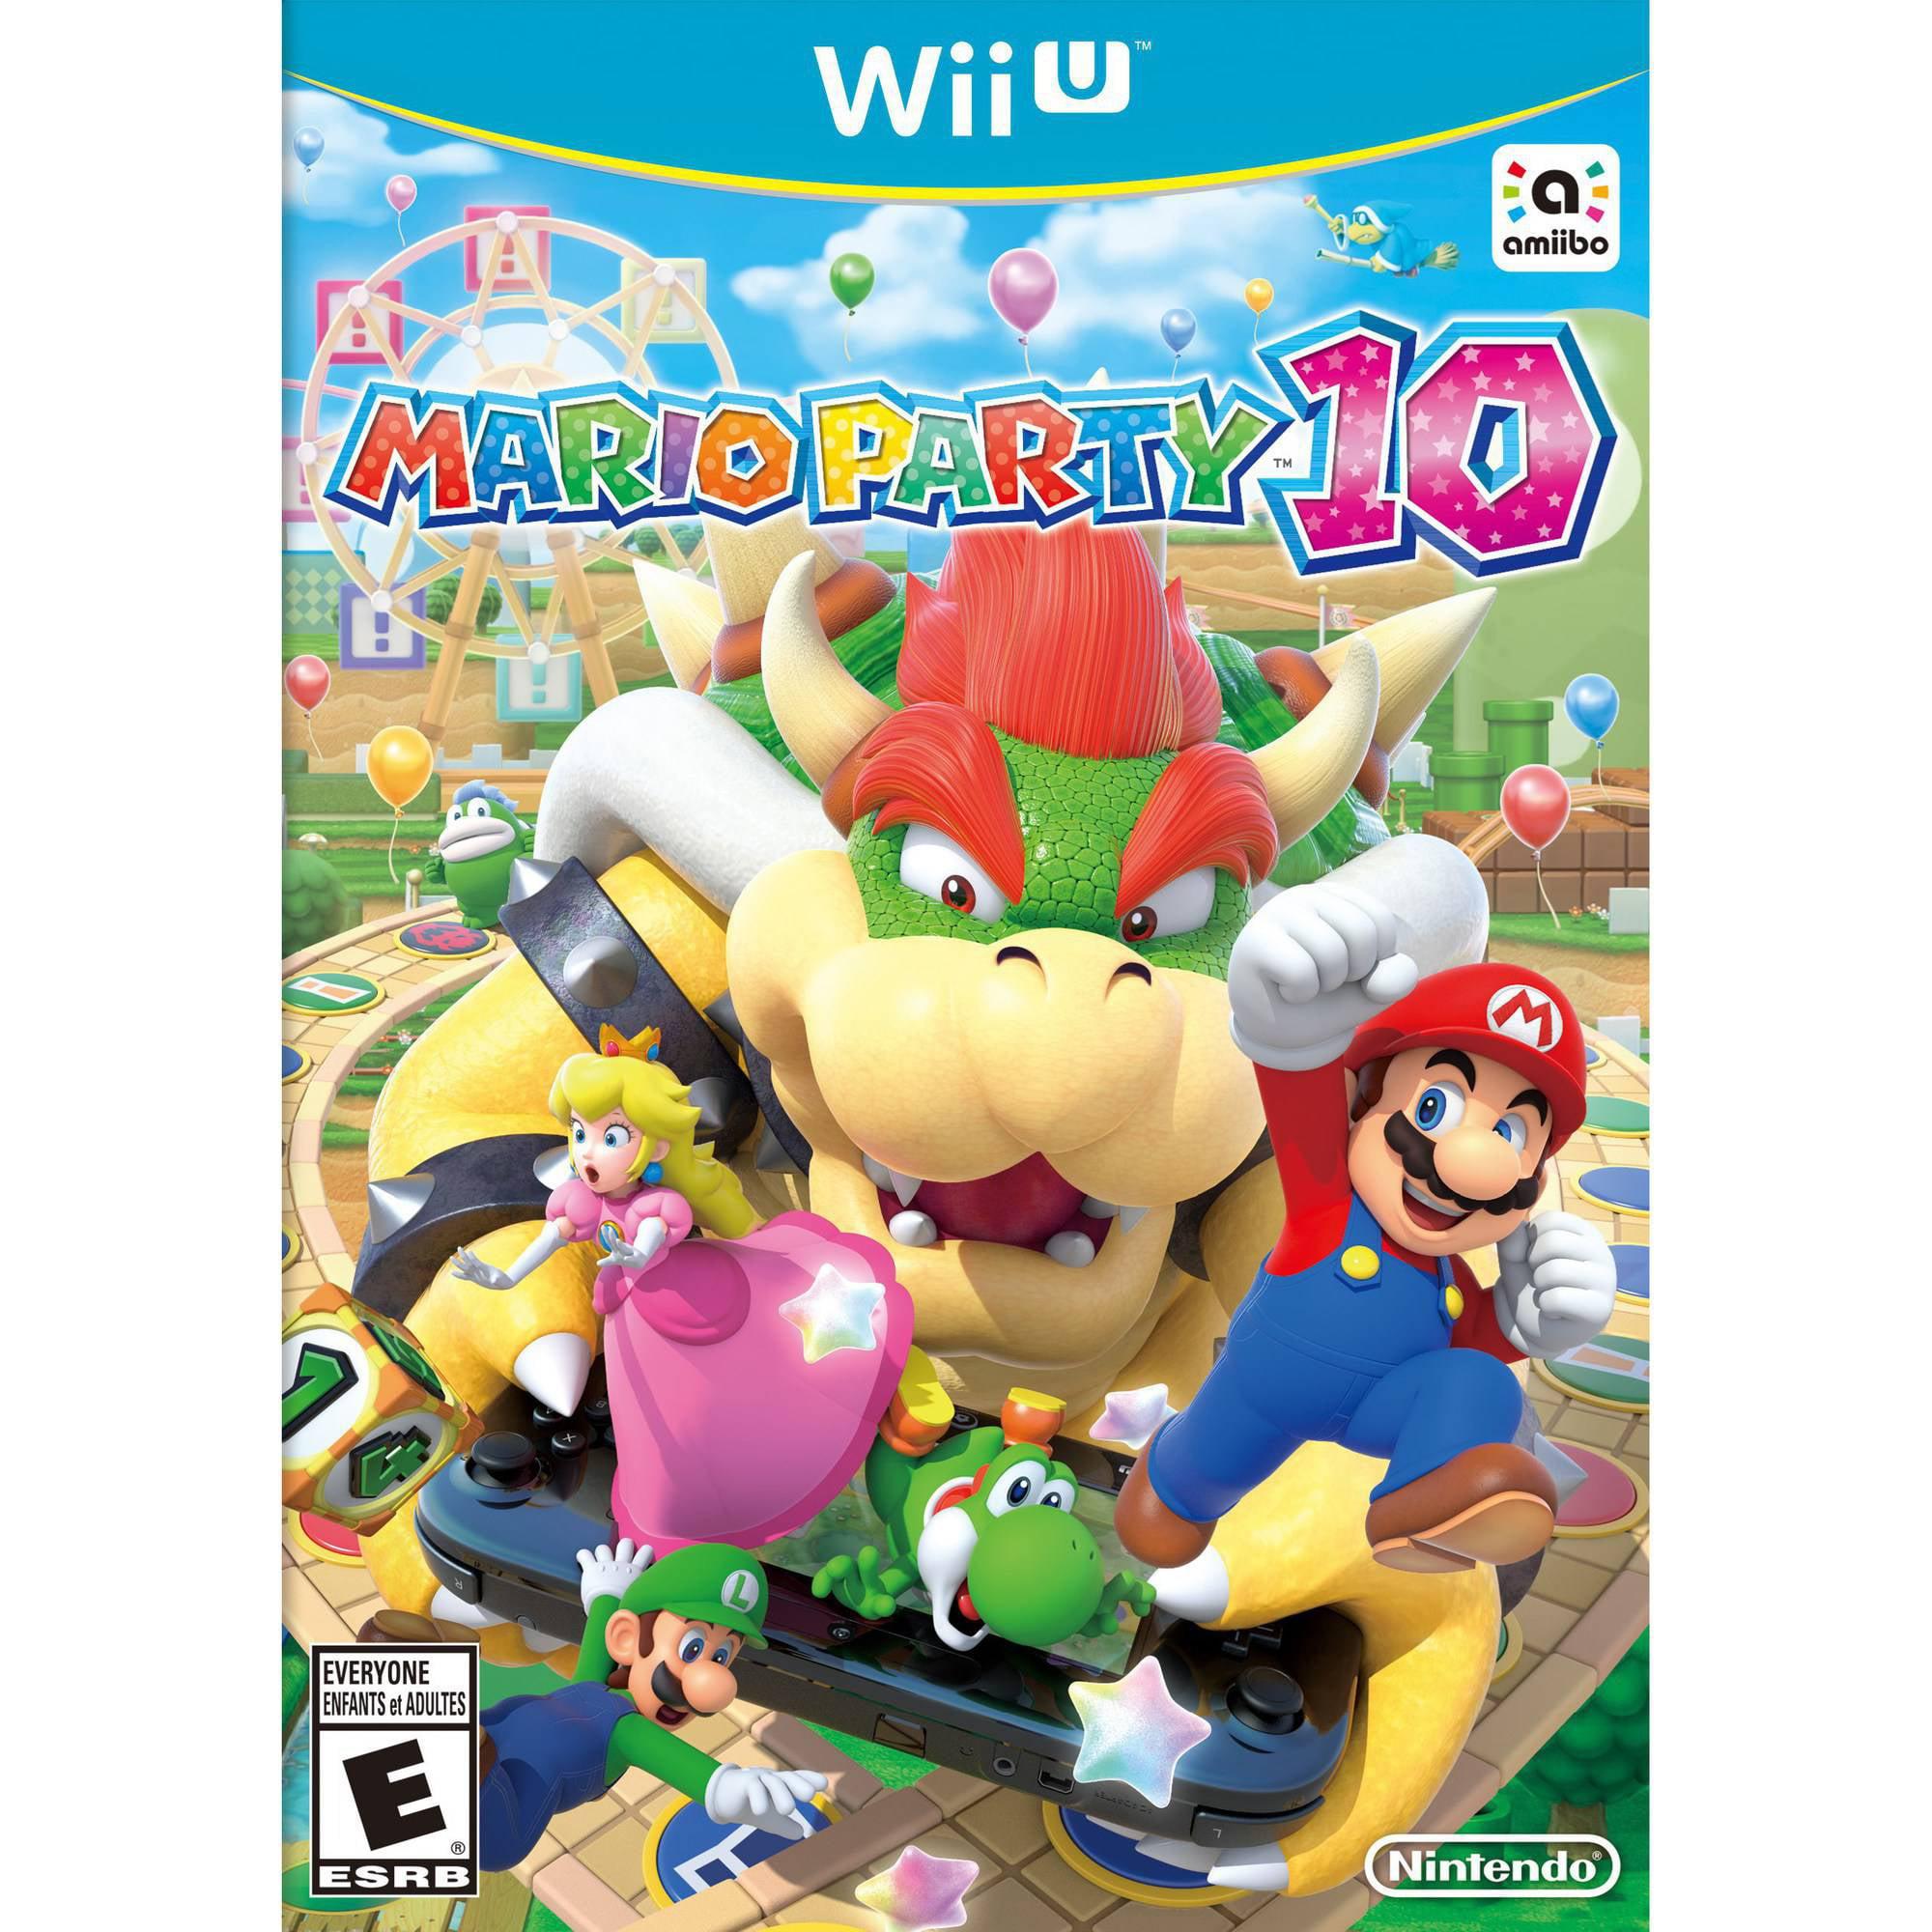 Mario Party 10 (Wii U) - Pre-Owned Nintendo